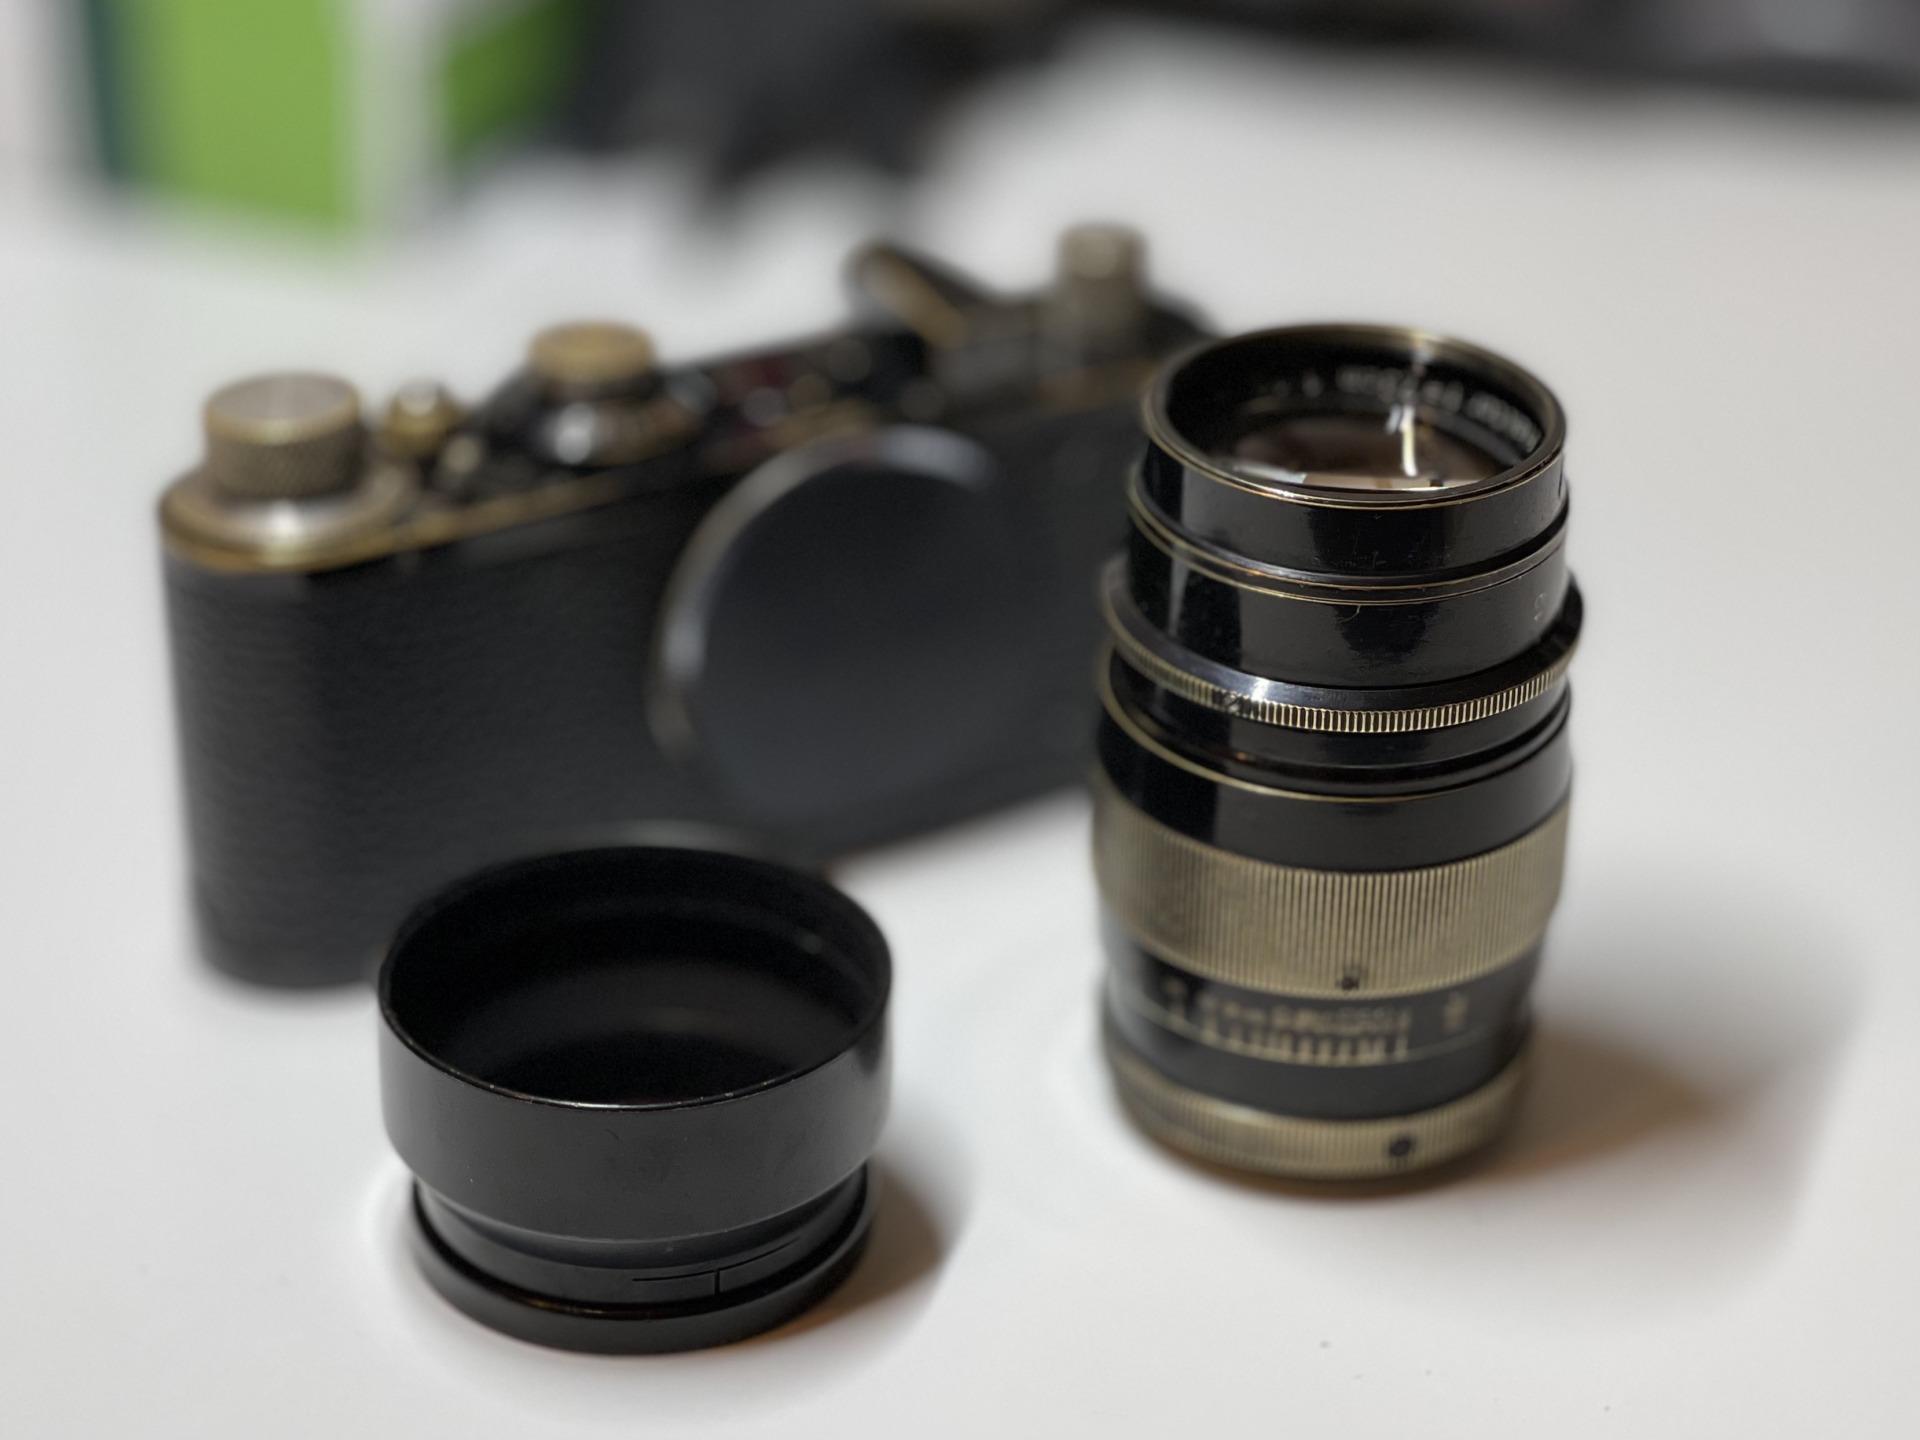 山崎磨きになったHektor 7.3cm f1.9が帰ってきました。山崎光学写真レンズ研究所